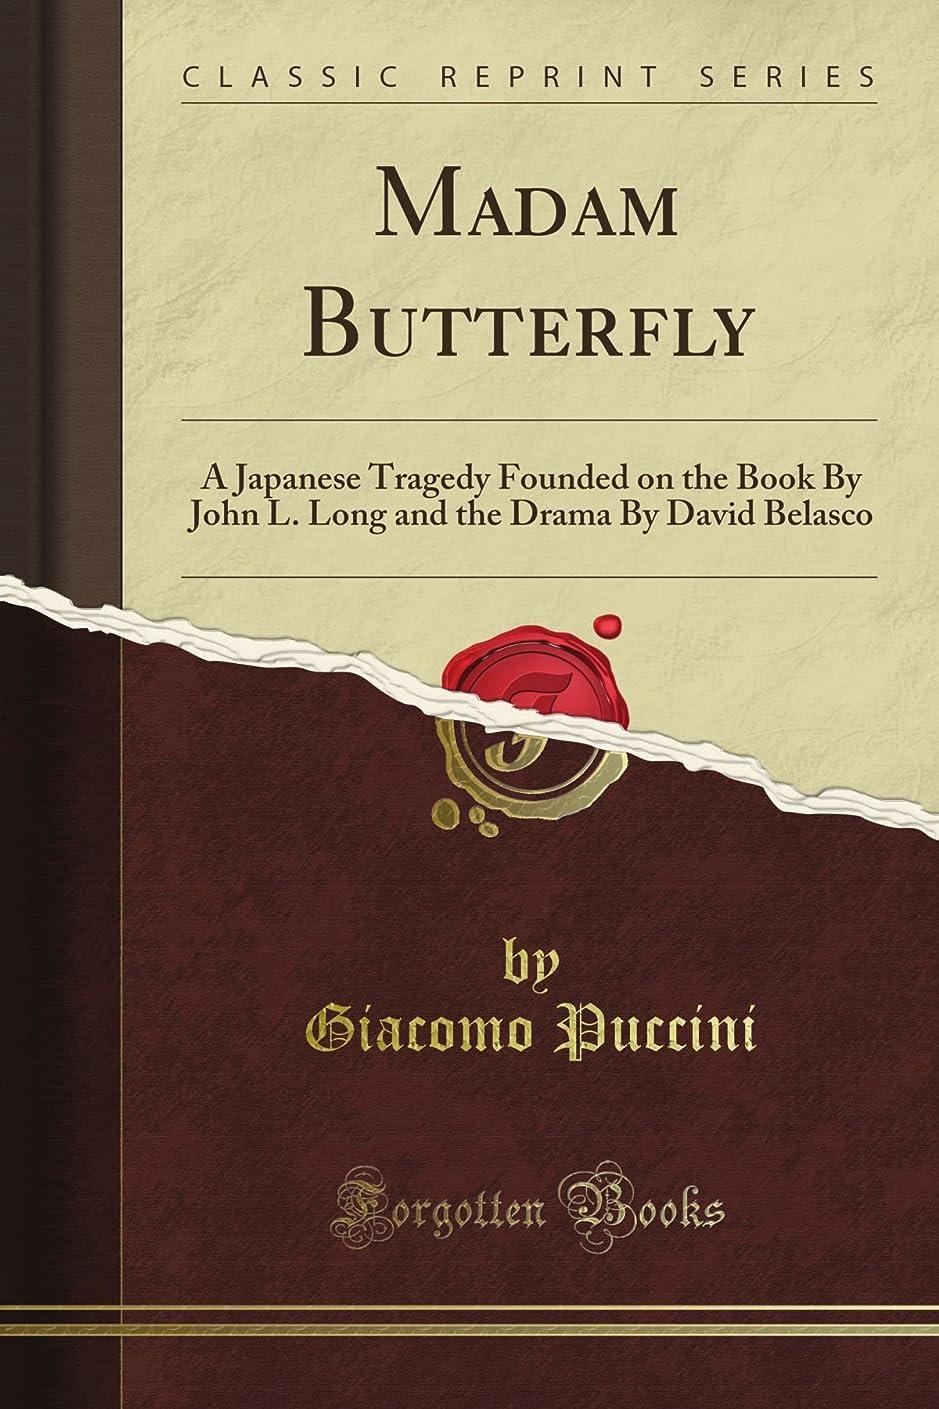 支店火山学ご注意Madam Butterfly: A Japanese Tragedy Founded on the Book By John L. Long and the Drama By David Belasco (Classic Reprint)